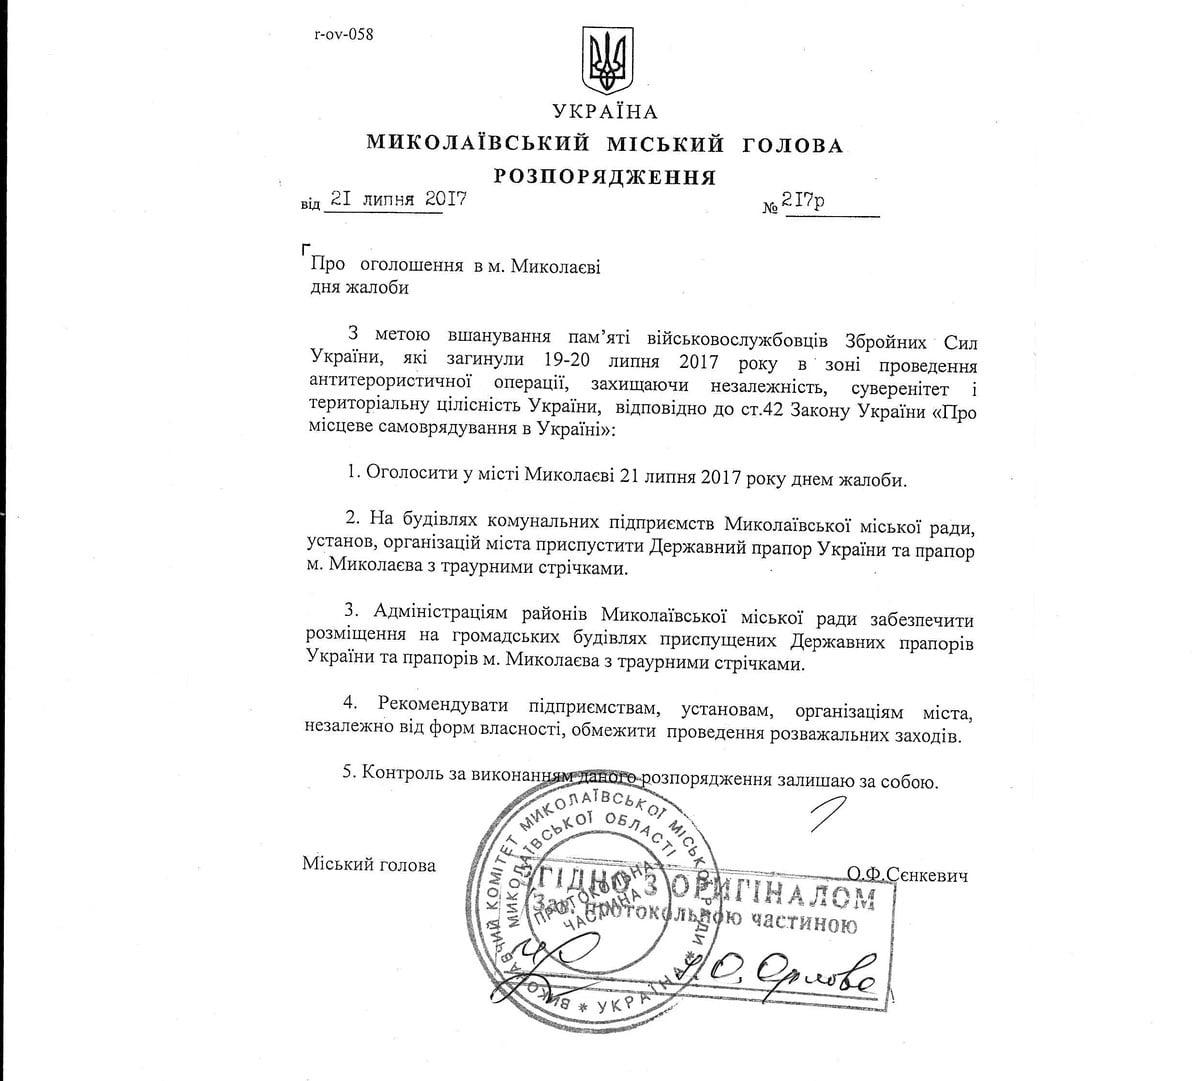 В Николаеве и области 21 июля 2017 года объявили днем траура в связи с гибелью военных в зоне АТО